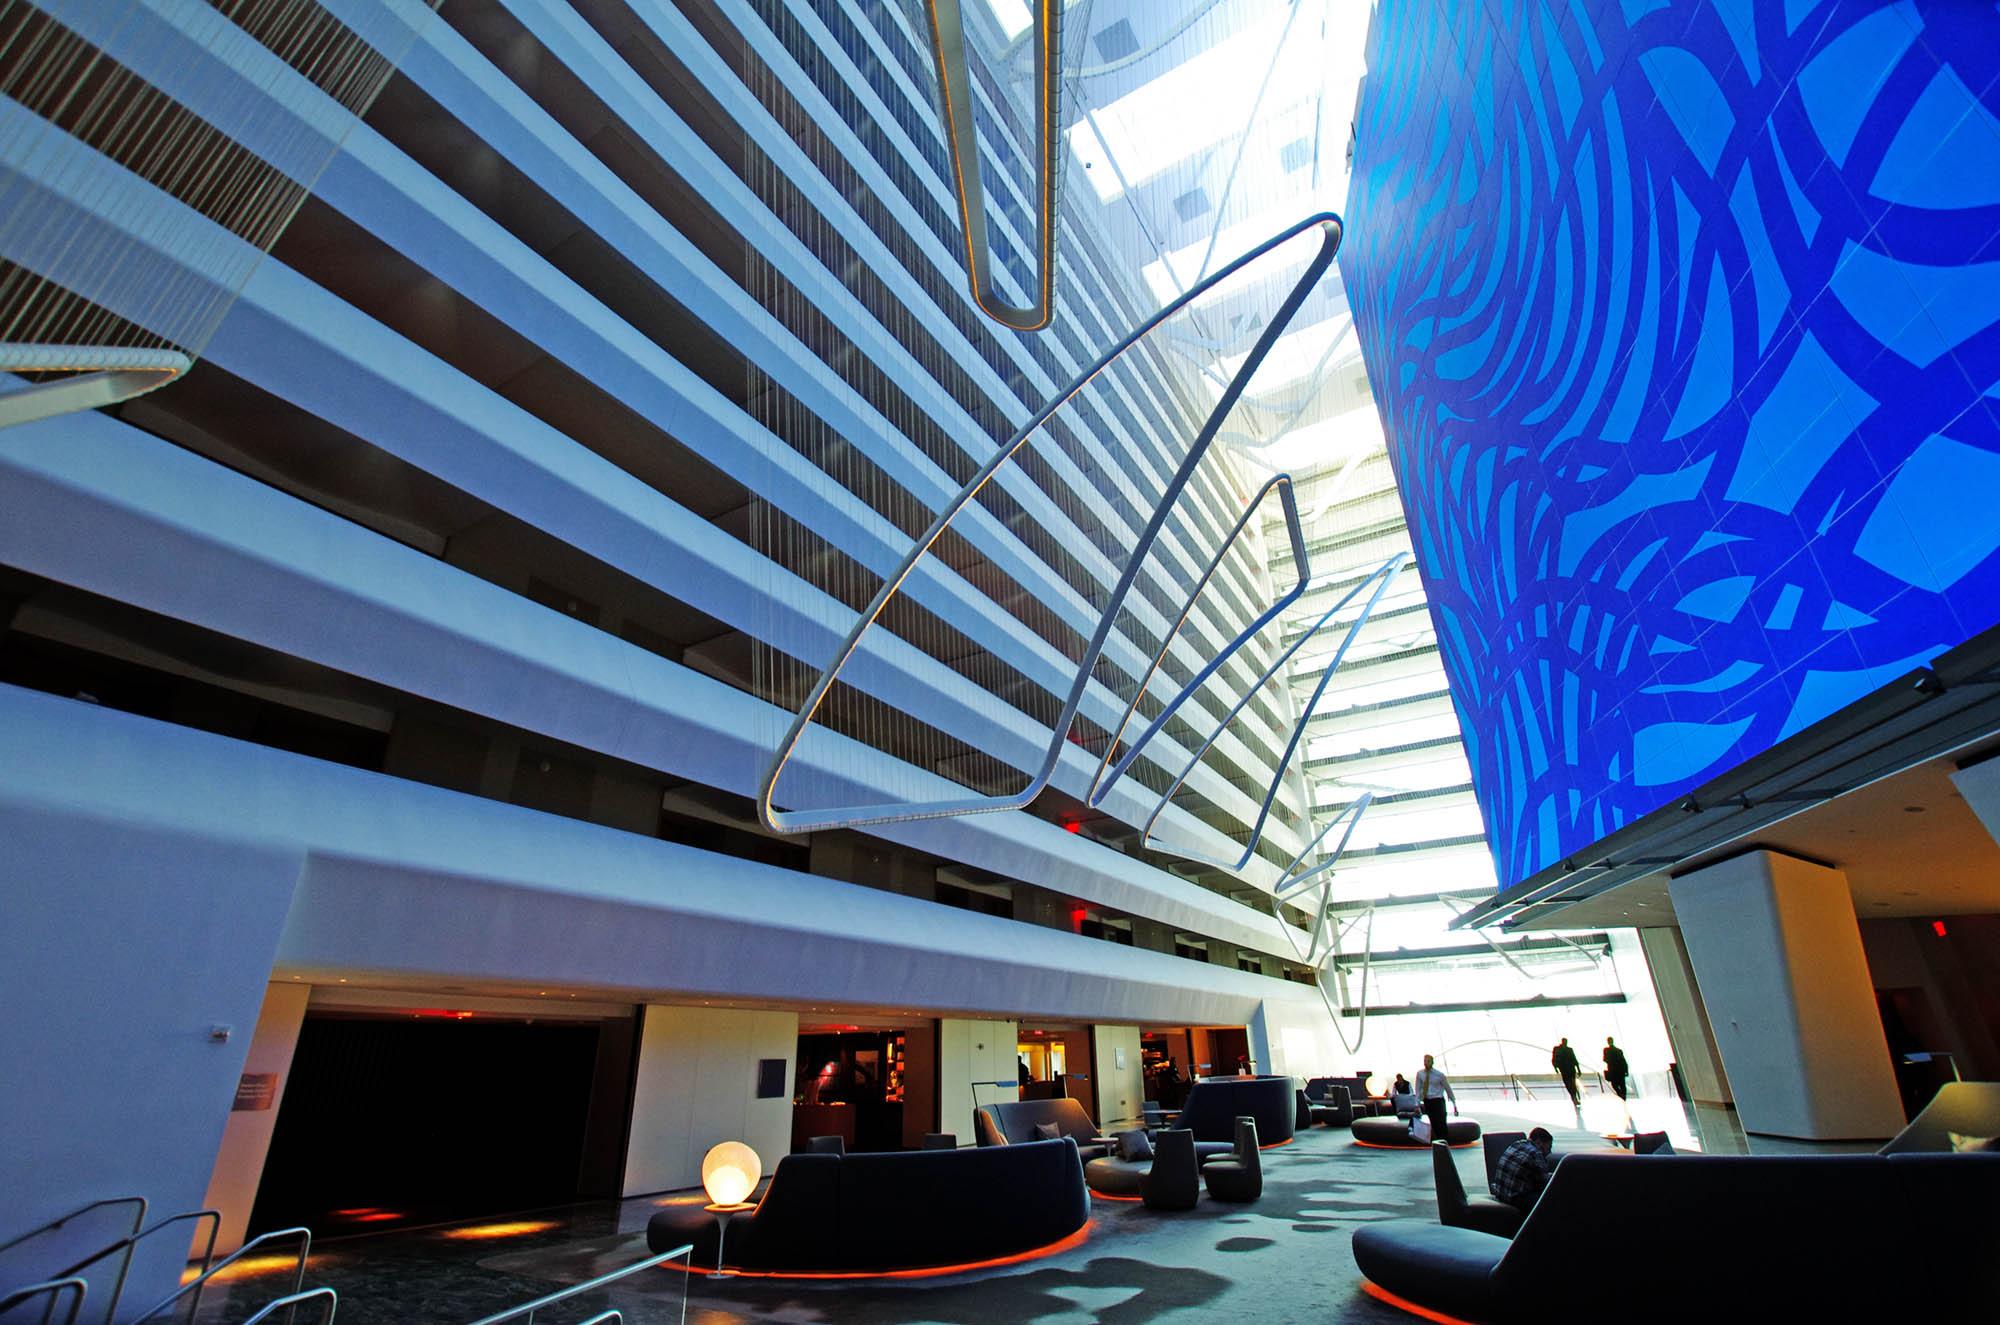 2014 09 18 Veil Conrad Hotel New York City Ny Kubes Steel